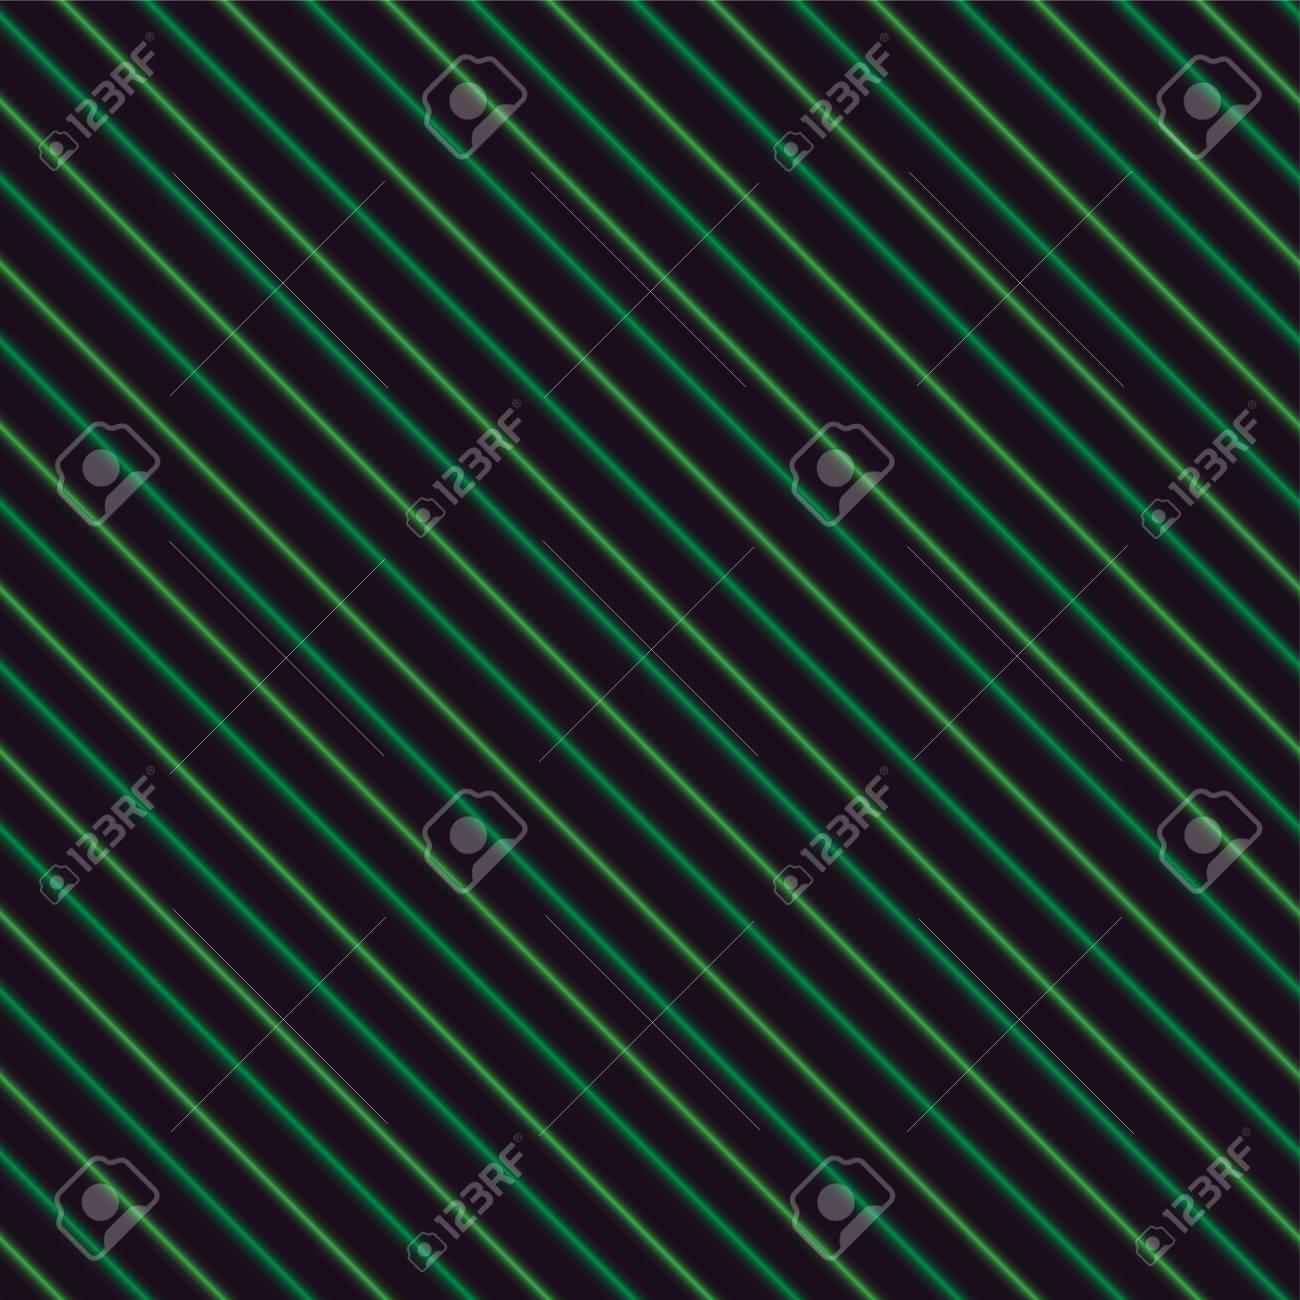 Vettoriale Strisce Al Neon Verde Su Sfondo Nero Senza Soluzione